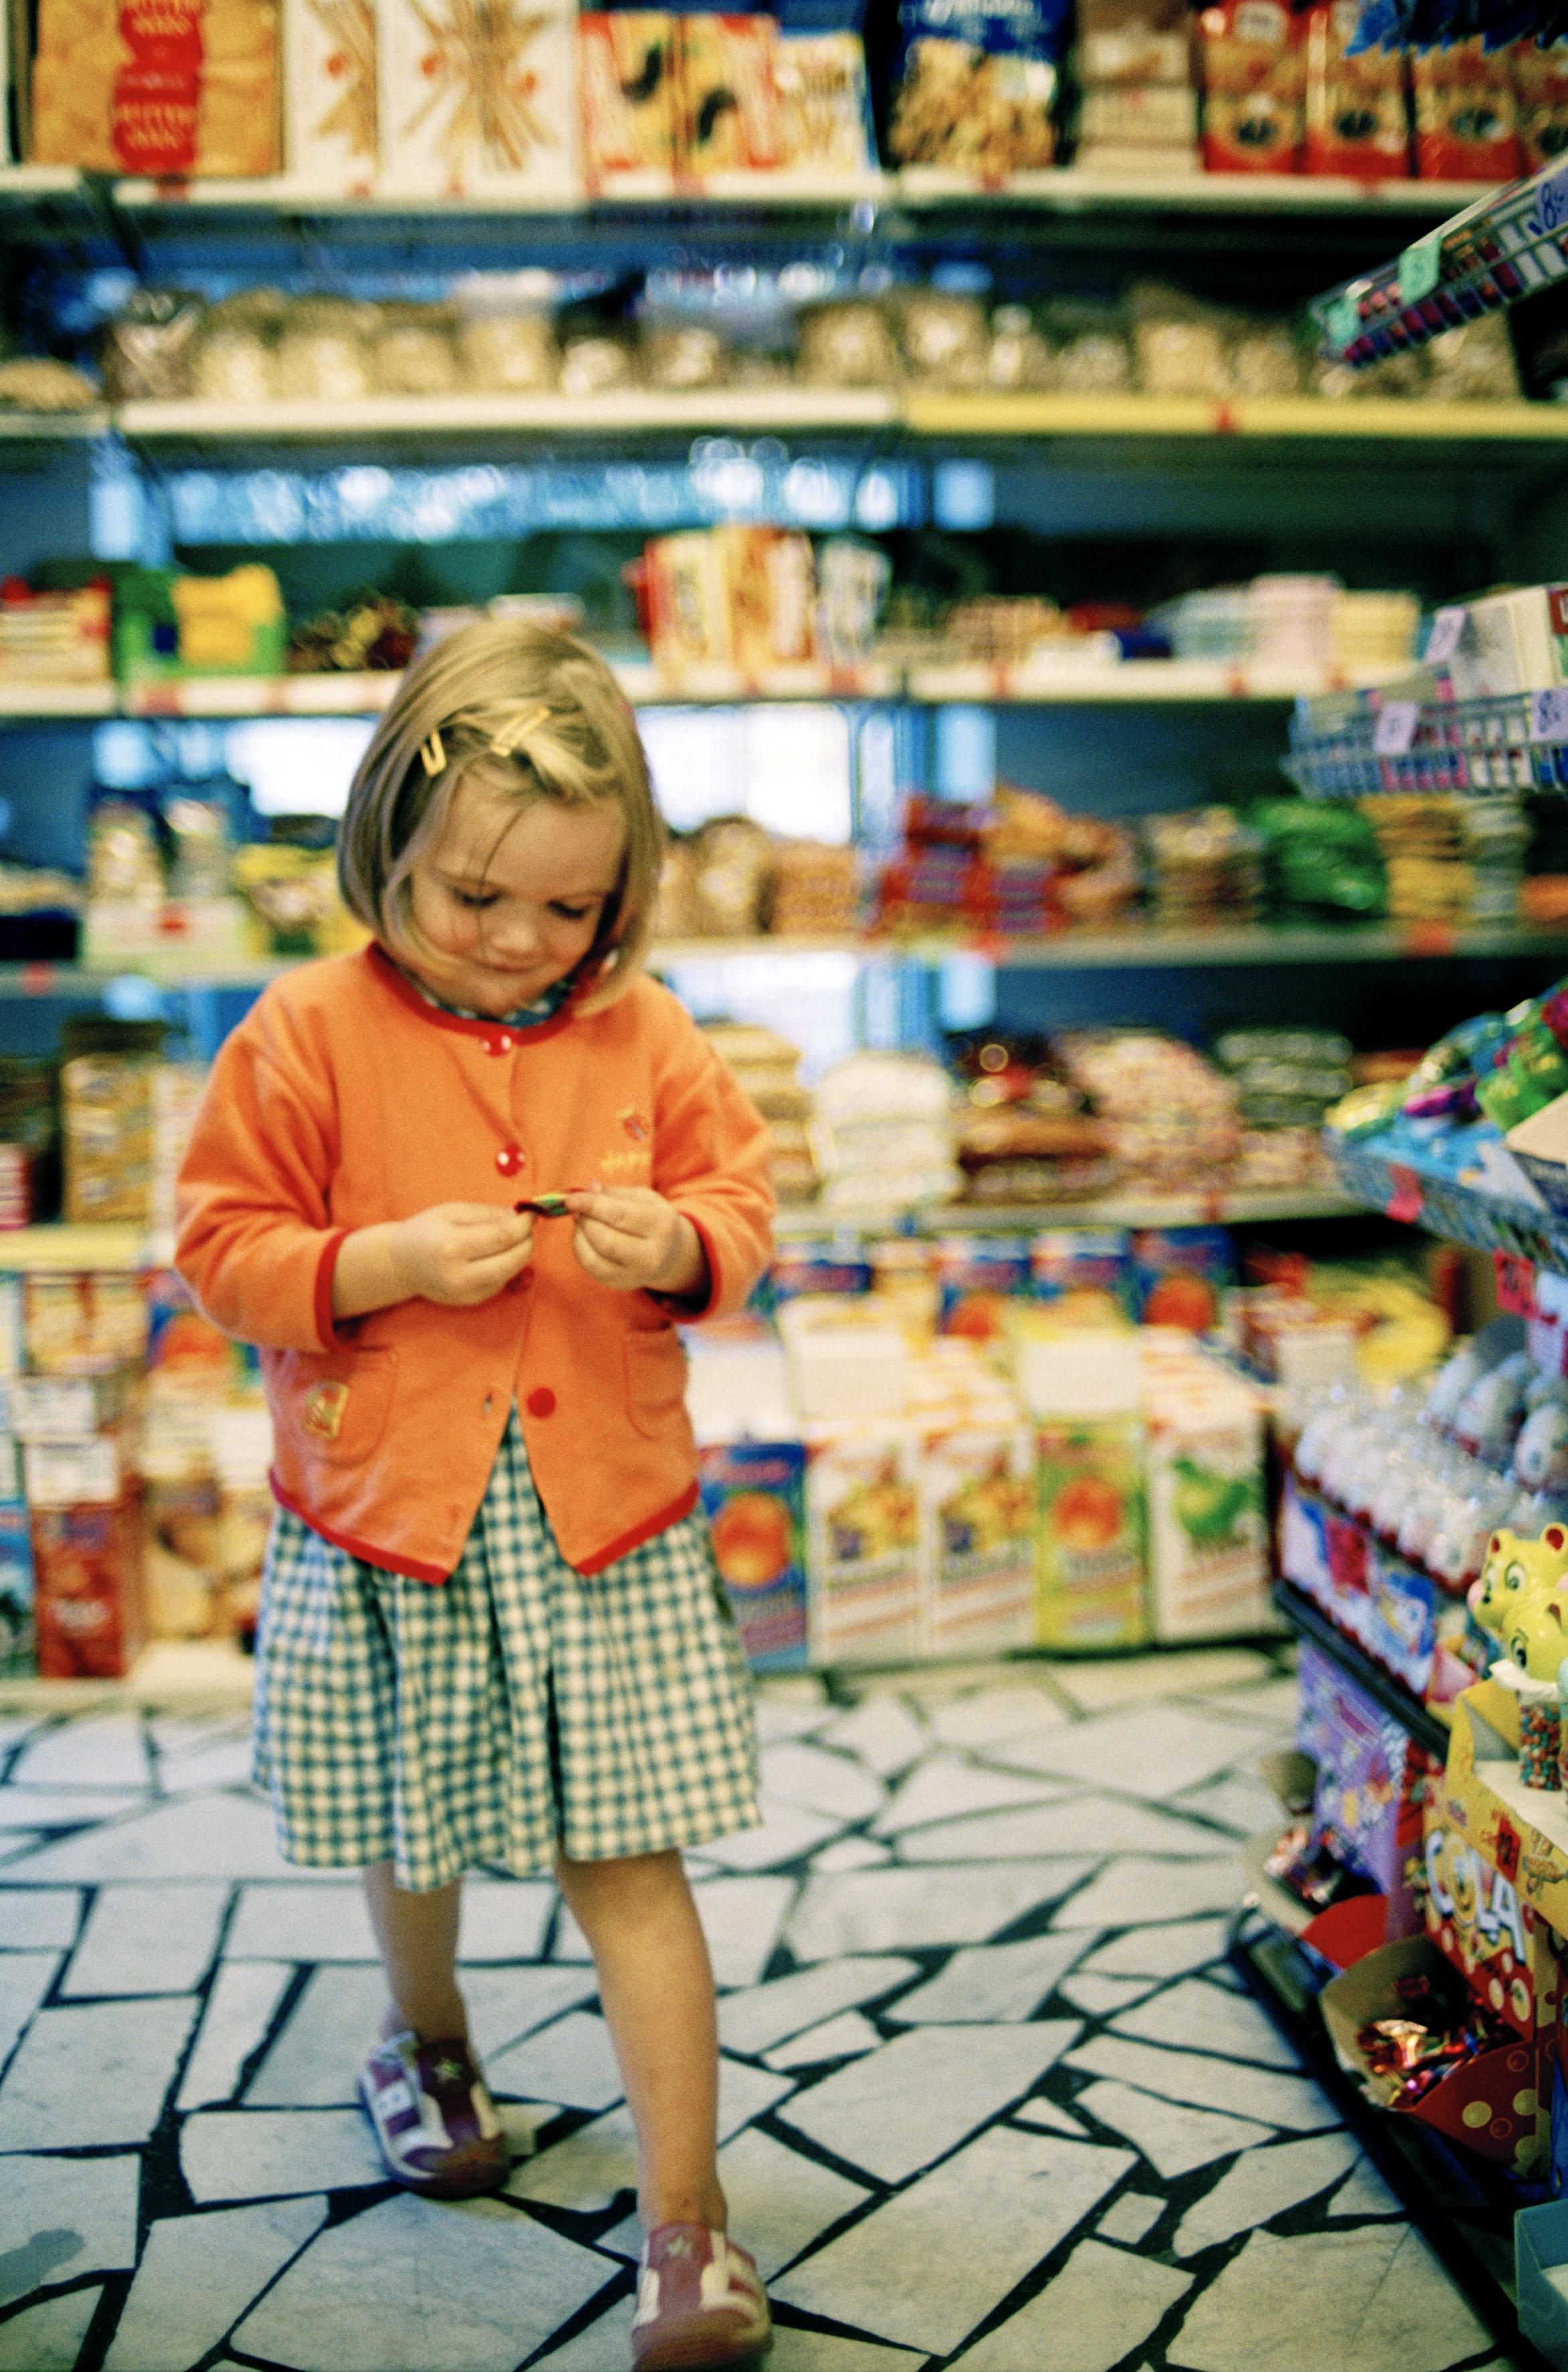 Flicka i livsmedelsaffär, Möllevångstorget i Malmö